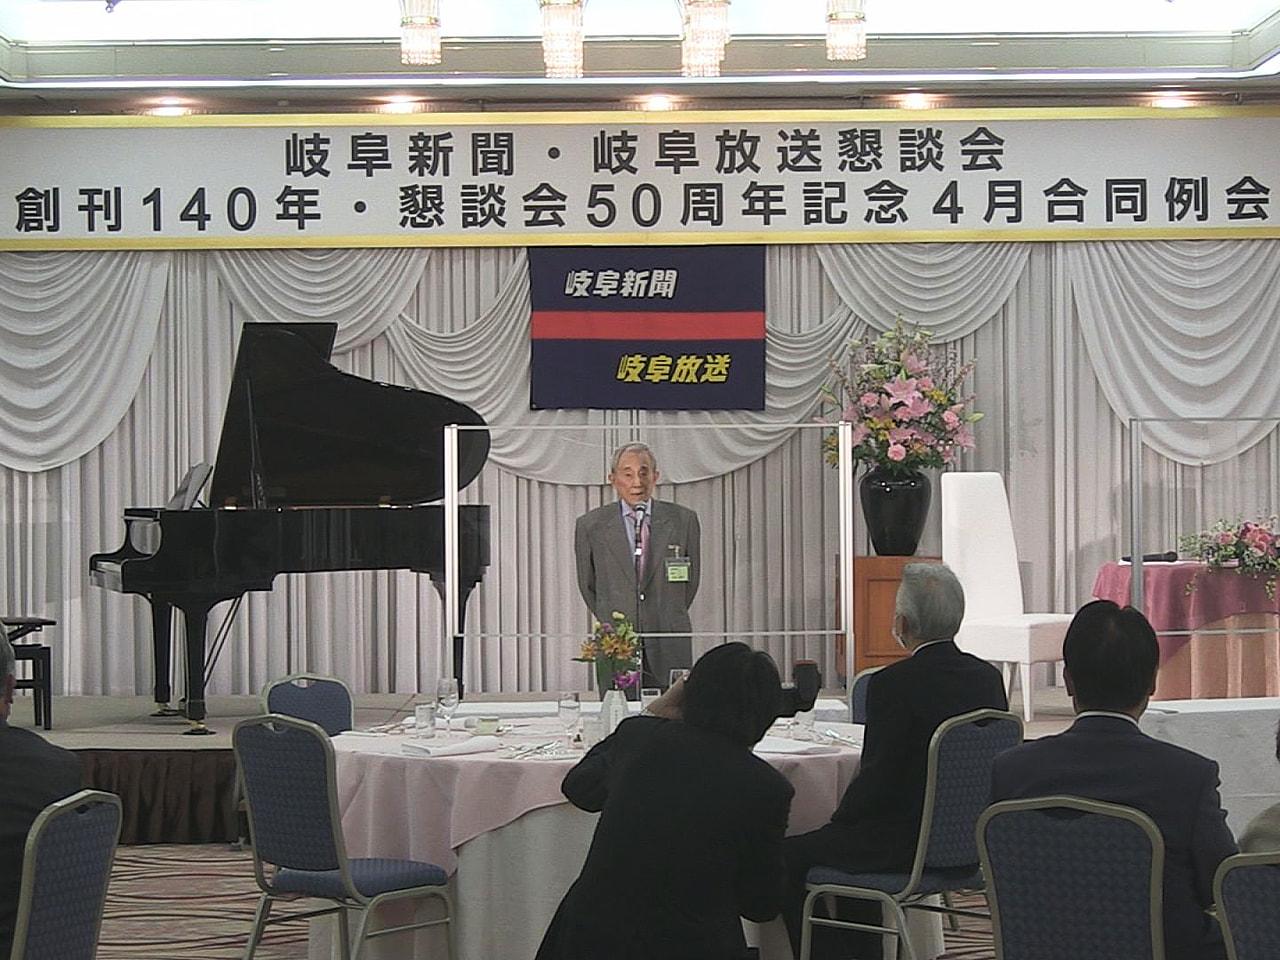 発足50周年を記念した岐阜新聞・岐阜放送懇談会の4月合同例会が6日、岐阜市で開か...